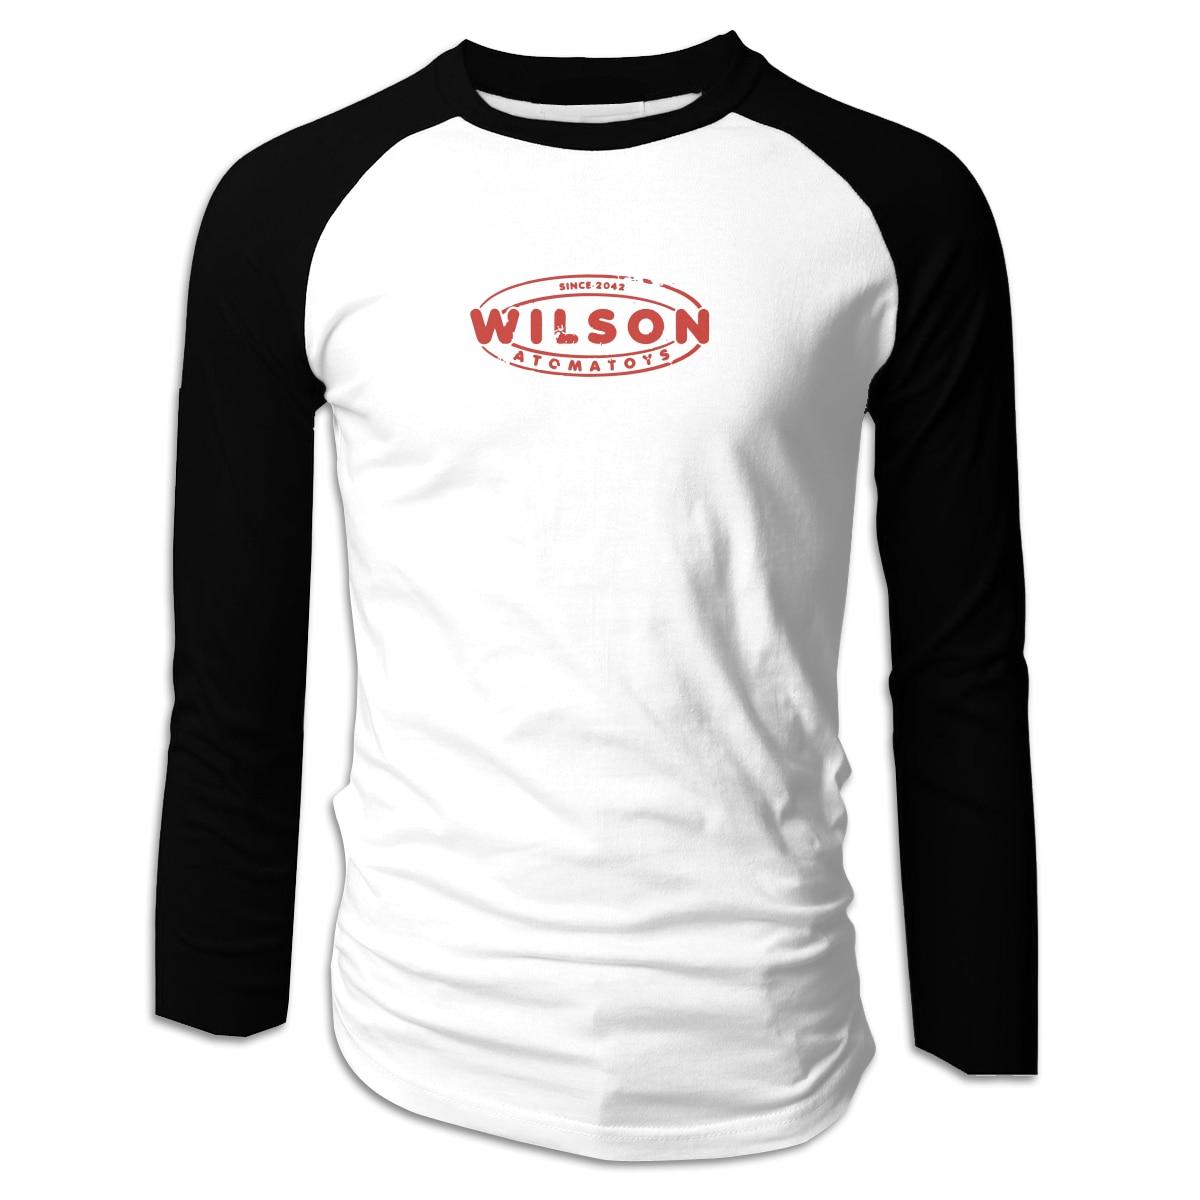 Camiseta cuello redondo manga larga para hombre estampado clásico Wilson Atomatoys - Fallout 4